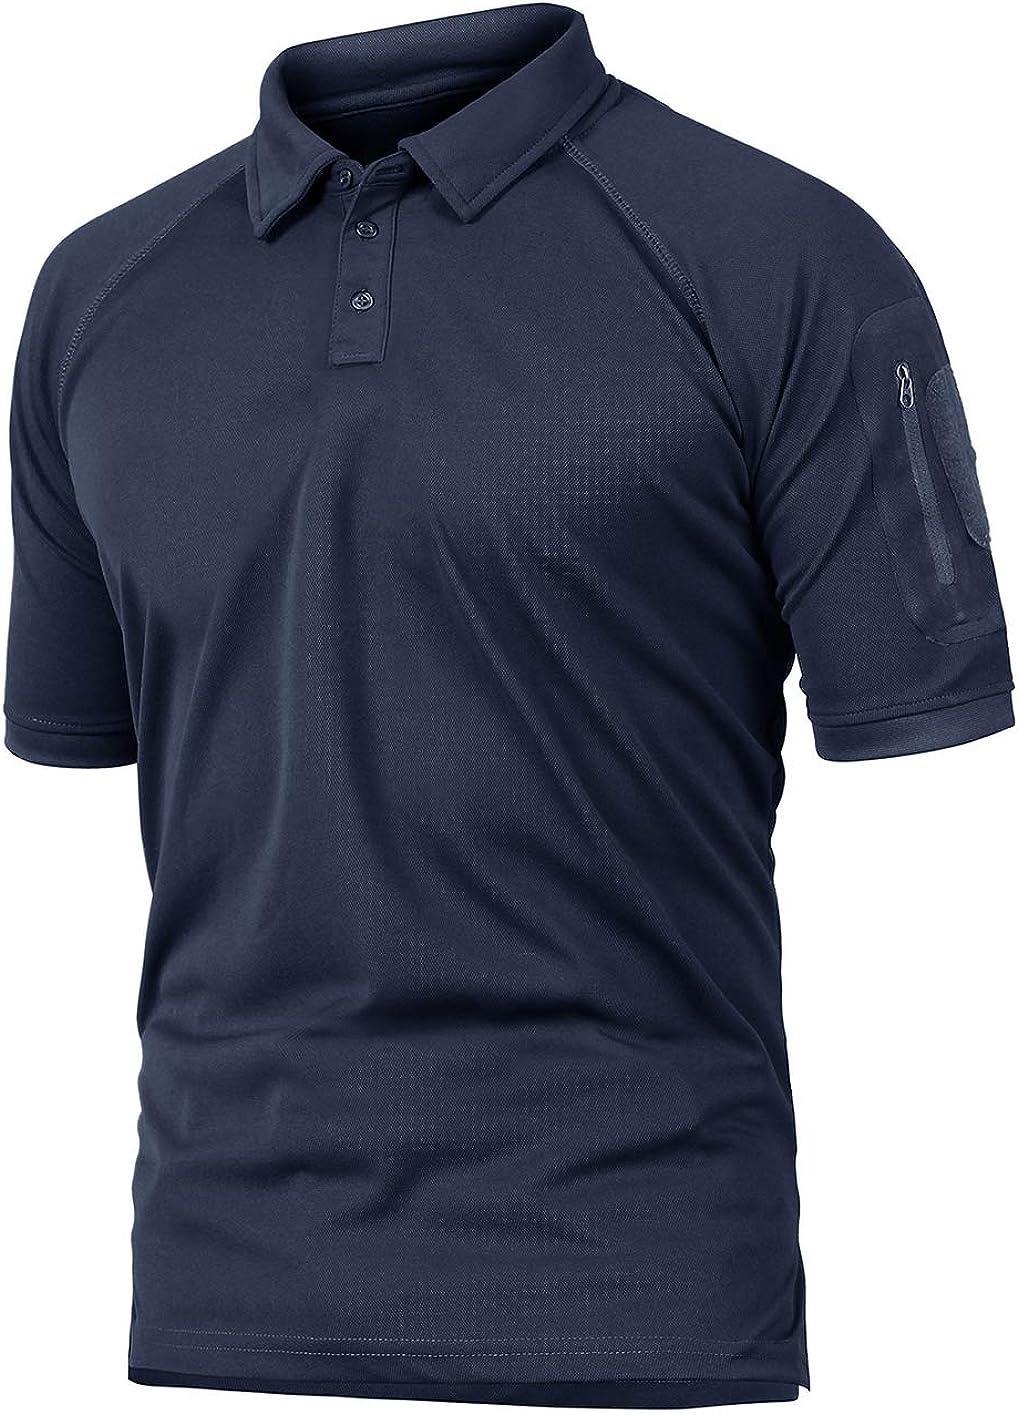 KEFITEVD - Camiseta militar de manga corta para hombre, con bolsillos con cremallera, superficie de velcro, transpirable, para el tiempo libre